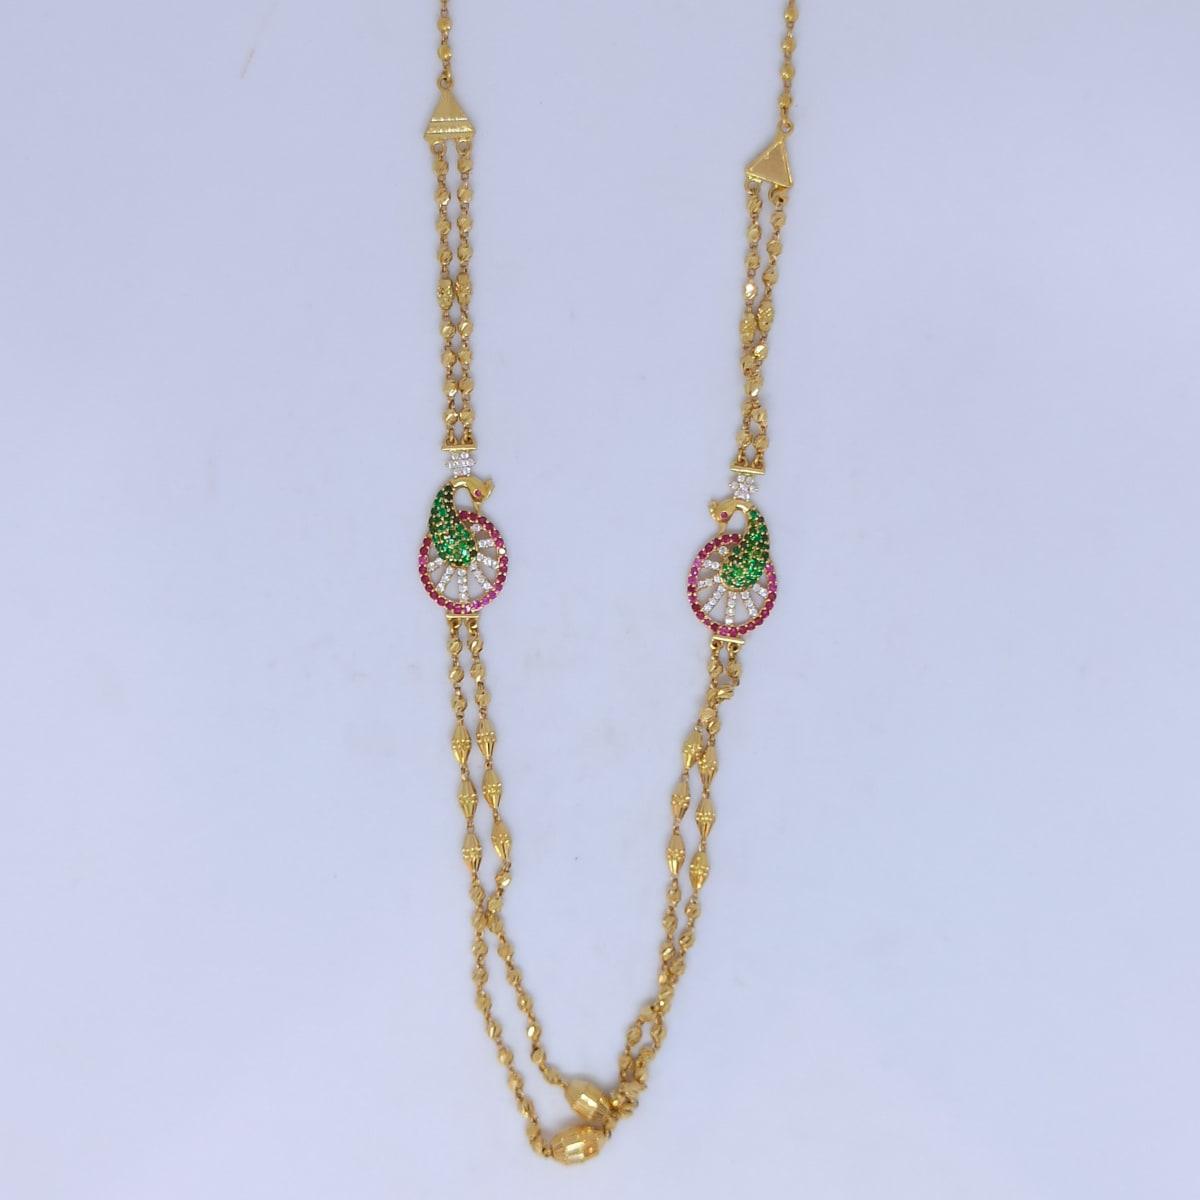 Peacock Cz Antique Necklace